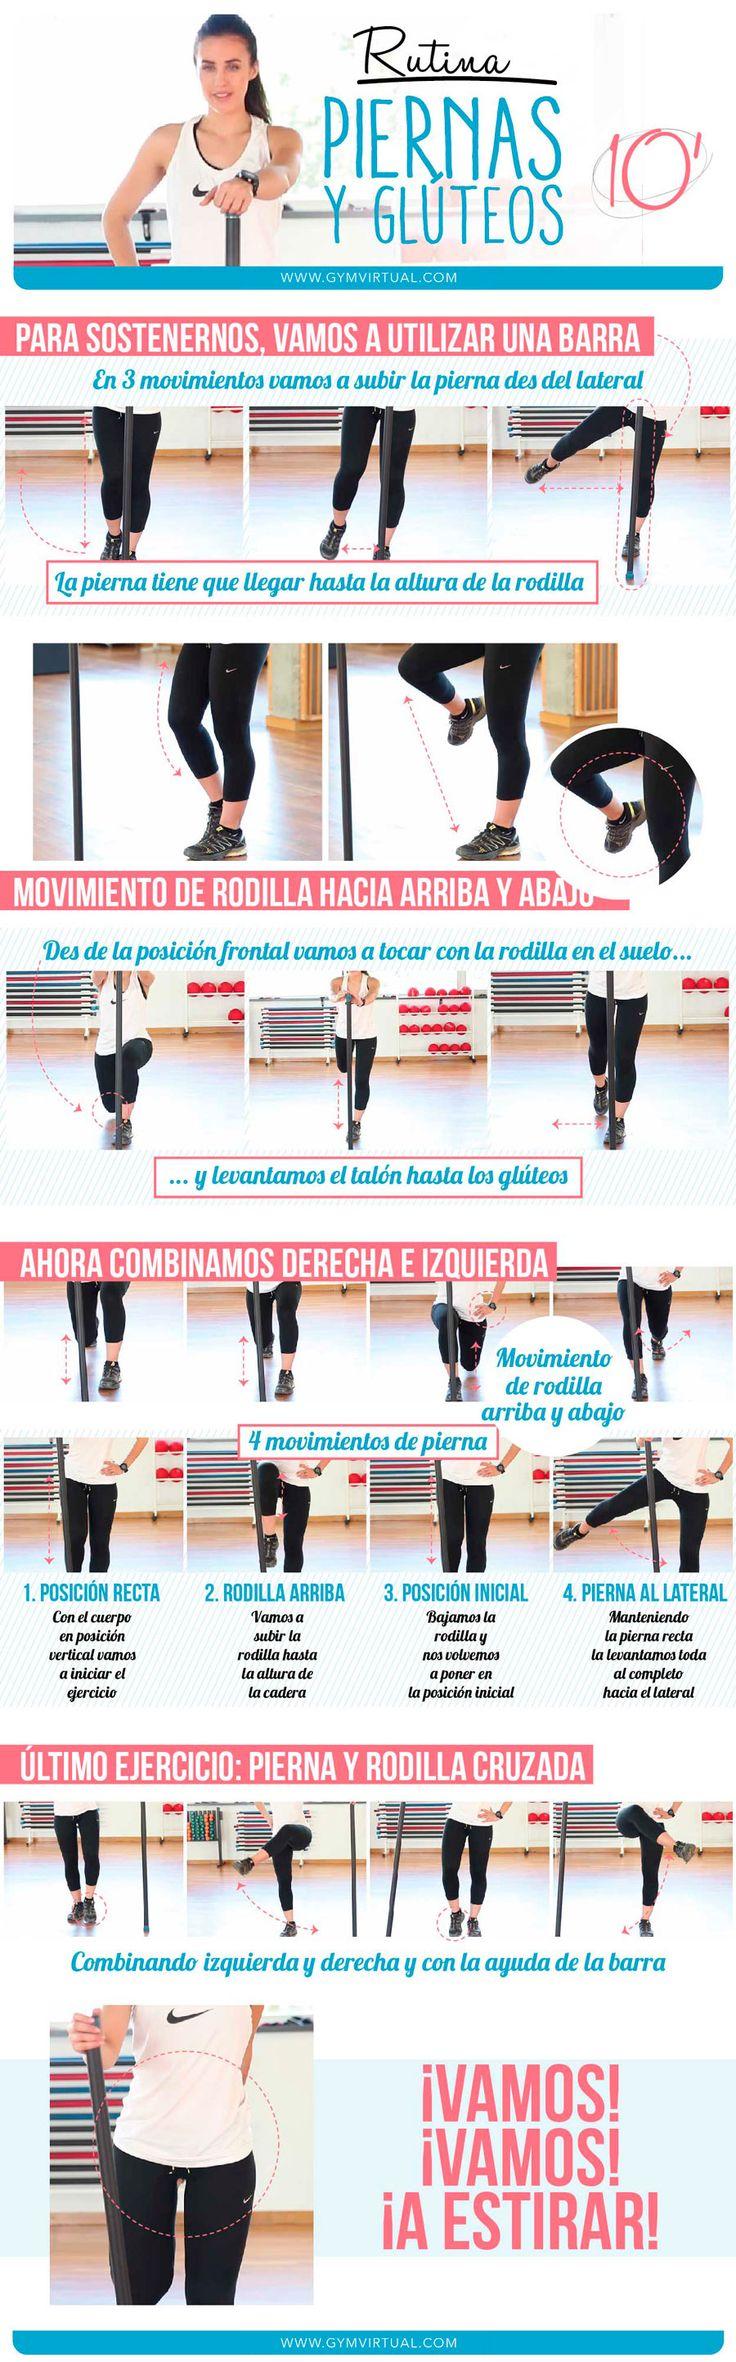 Rutina 10 minutos de ejercicios de piernas y glúteos paso a paso | GYM VIRTUAL